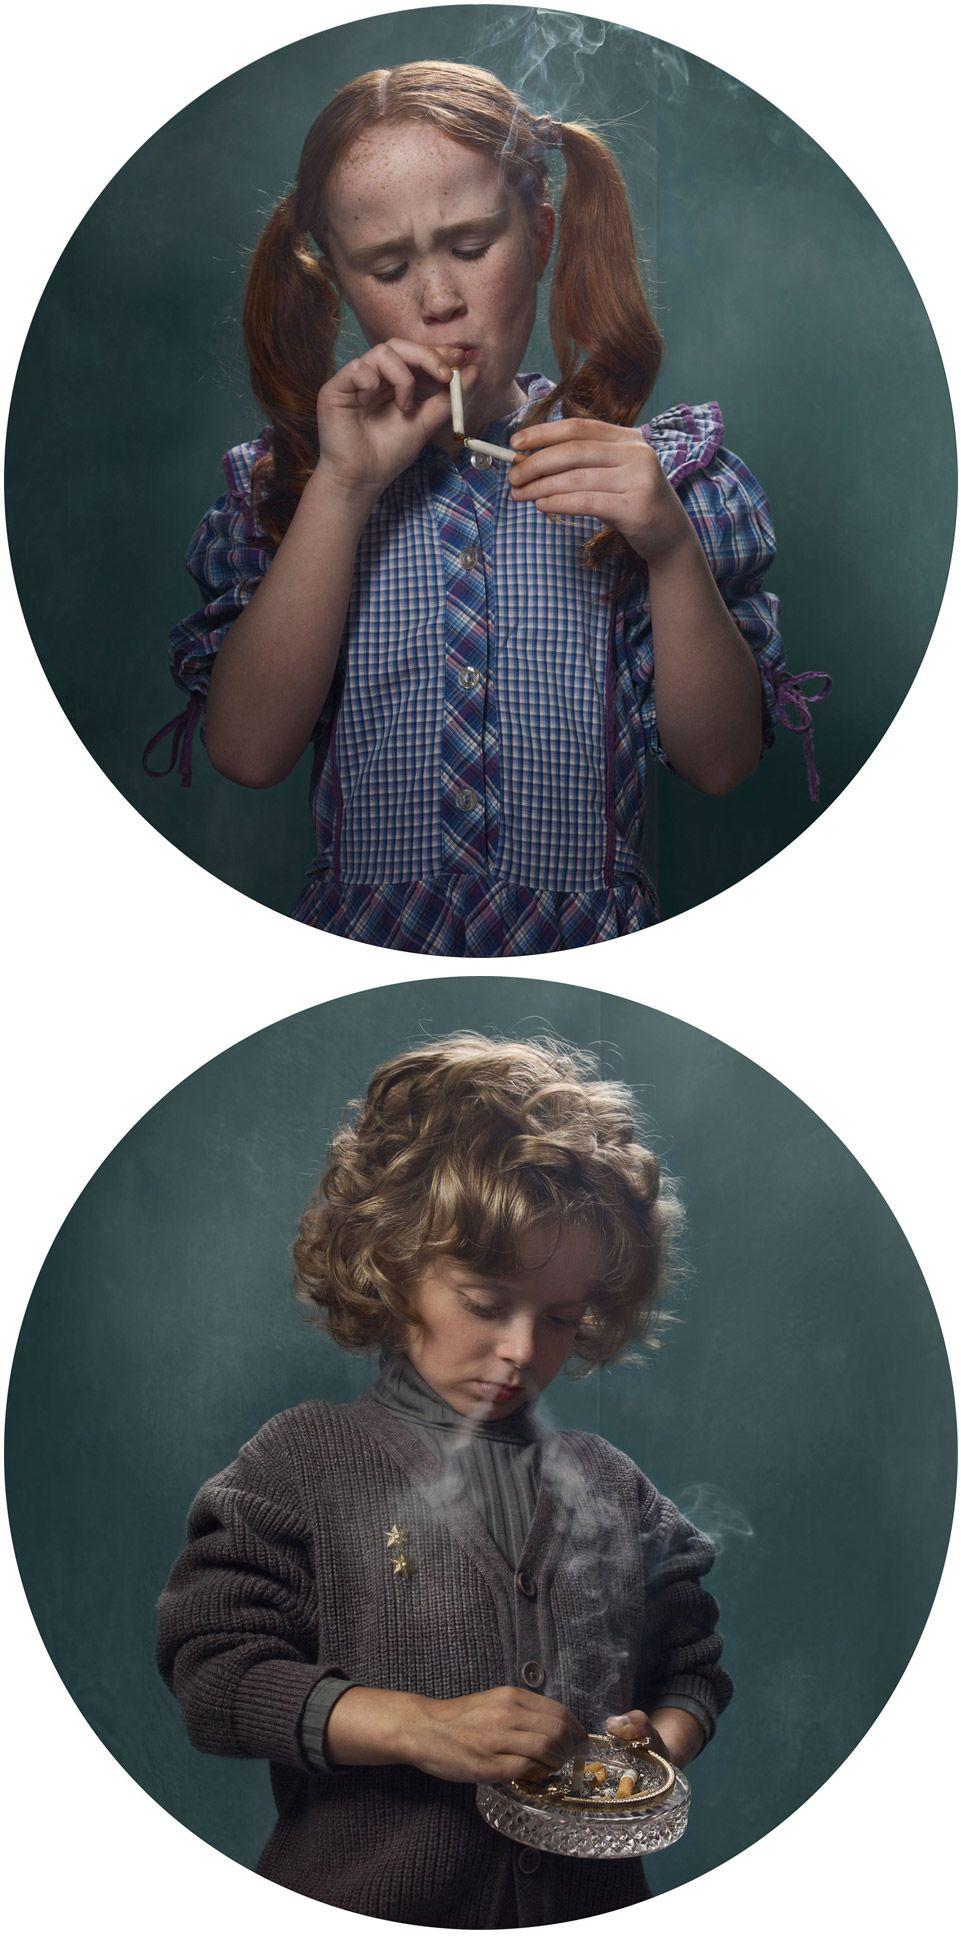 Pesquisa Fotográfica. http://www.hypeness.com.br/2012/01/criancas-fumantes/